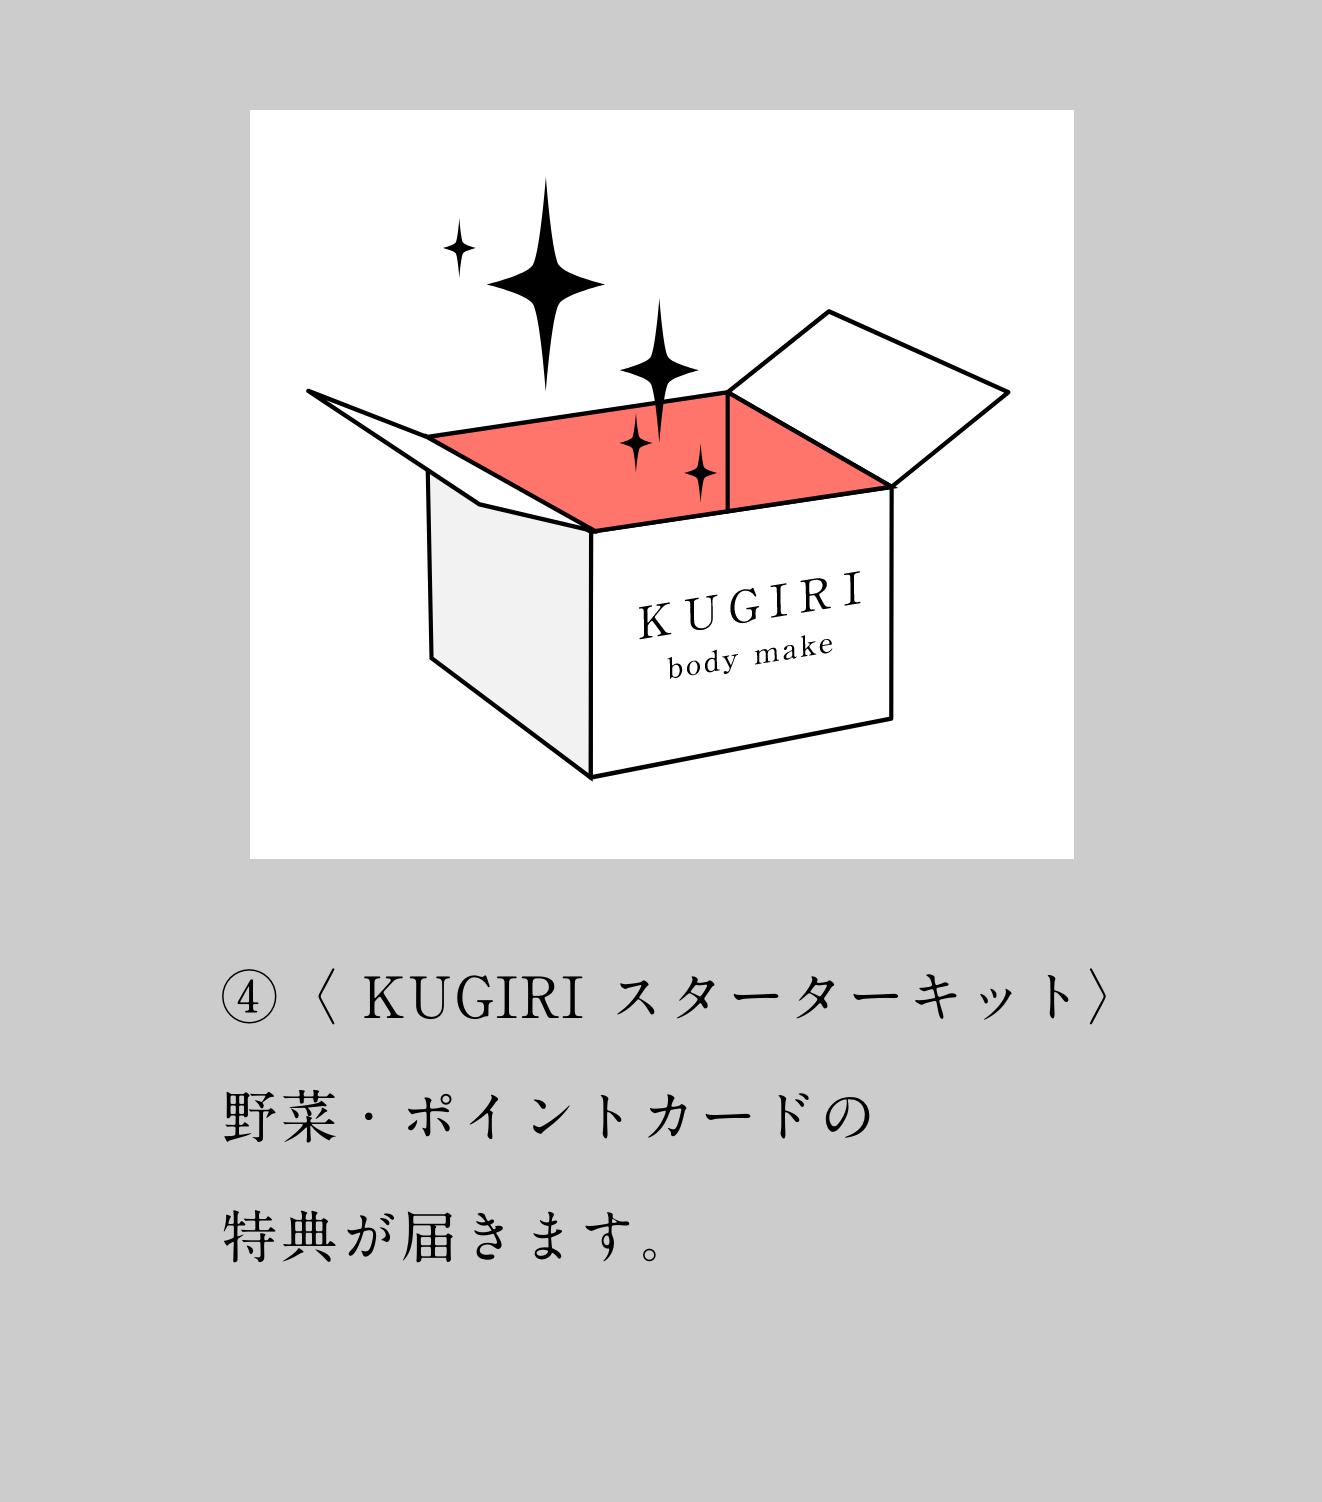 ④〈 KUGIRI スターターキット〉野菜・ポイントカードの特典が届きます。